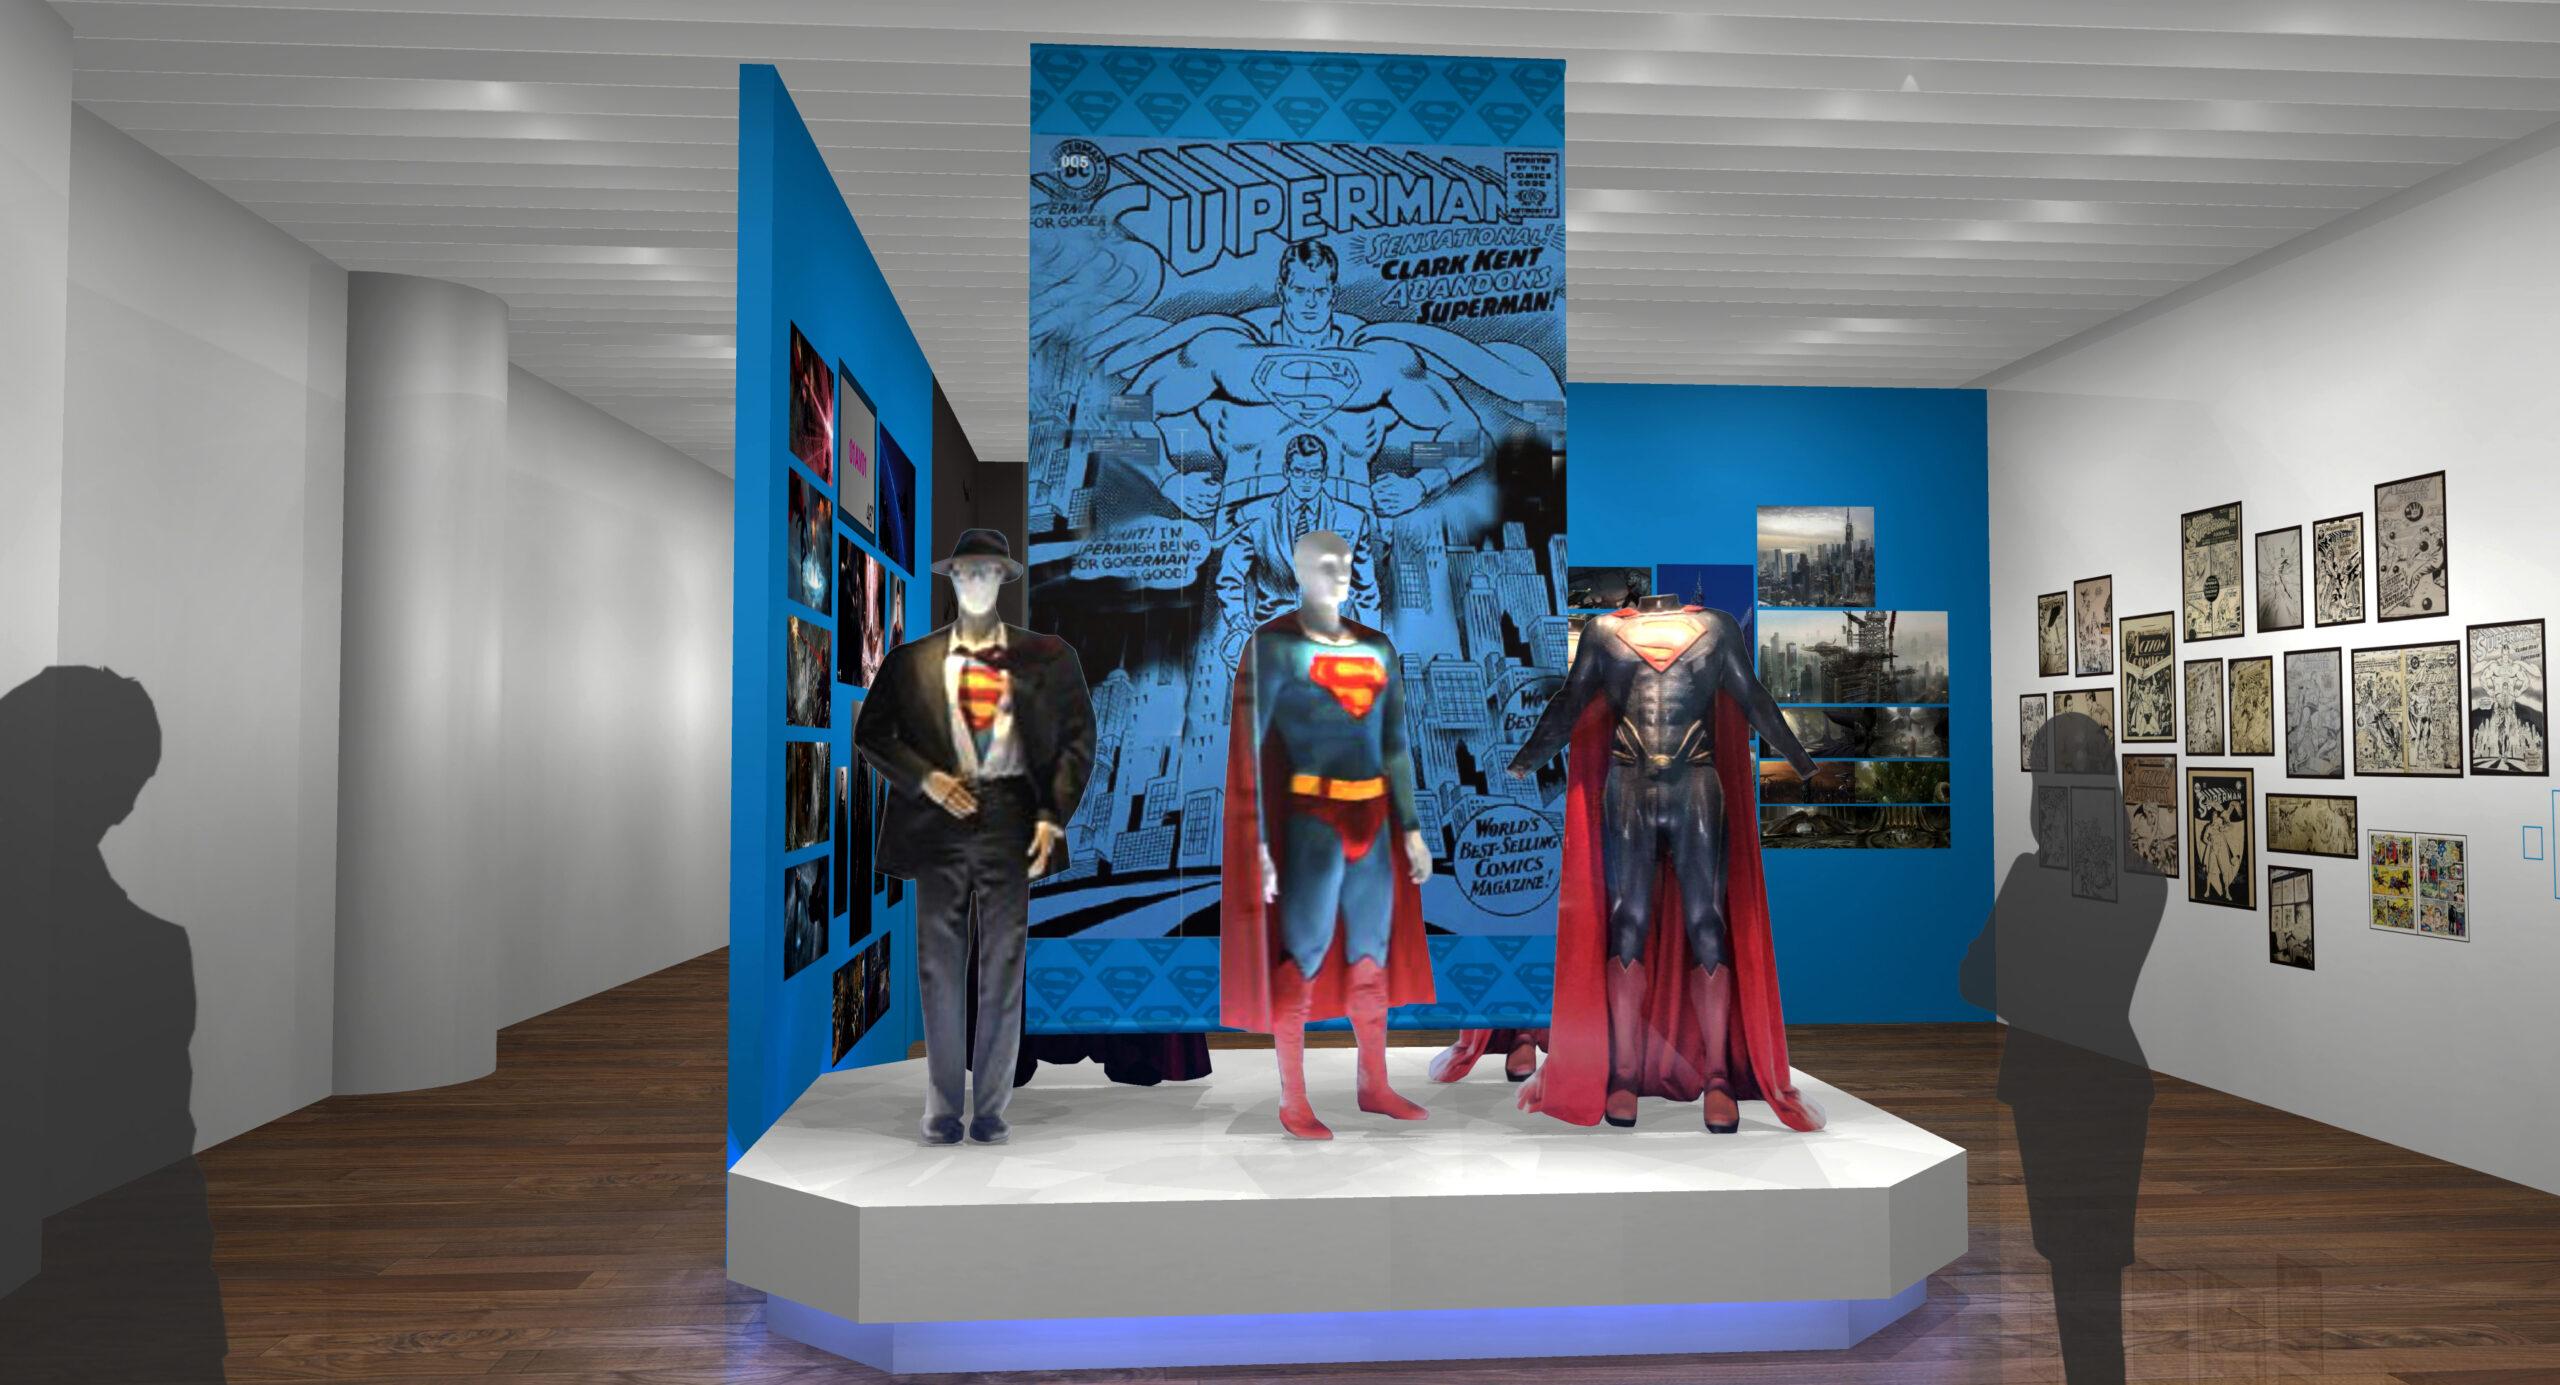 スーパーマンエリア・エリア | DC展 スーパーヒーローの誕生